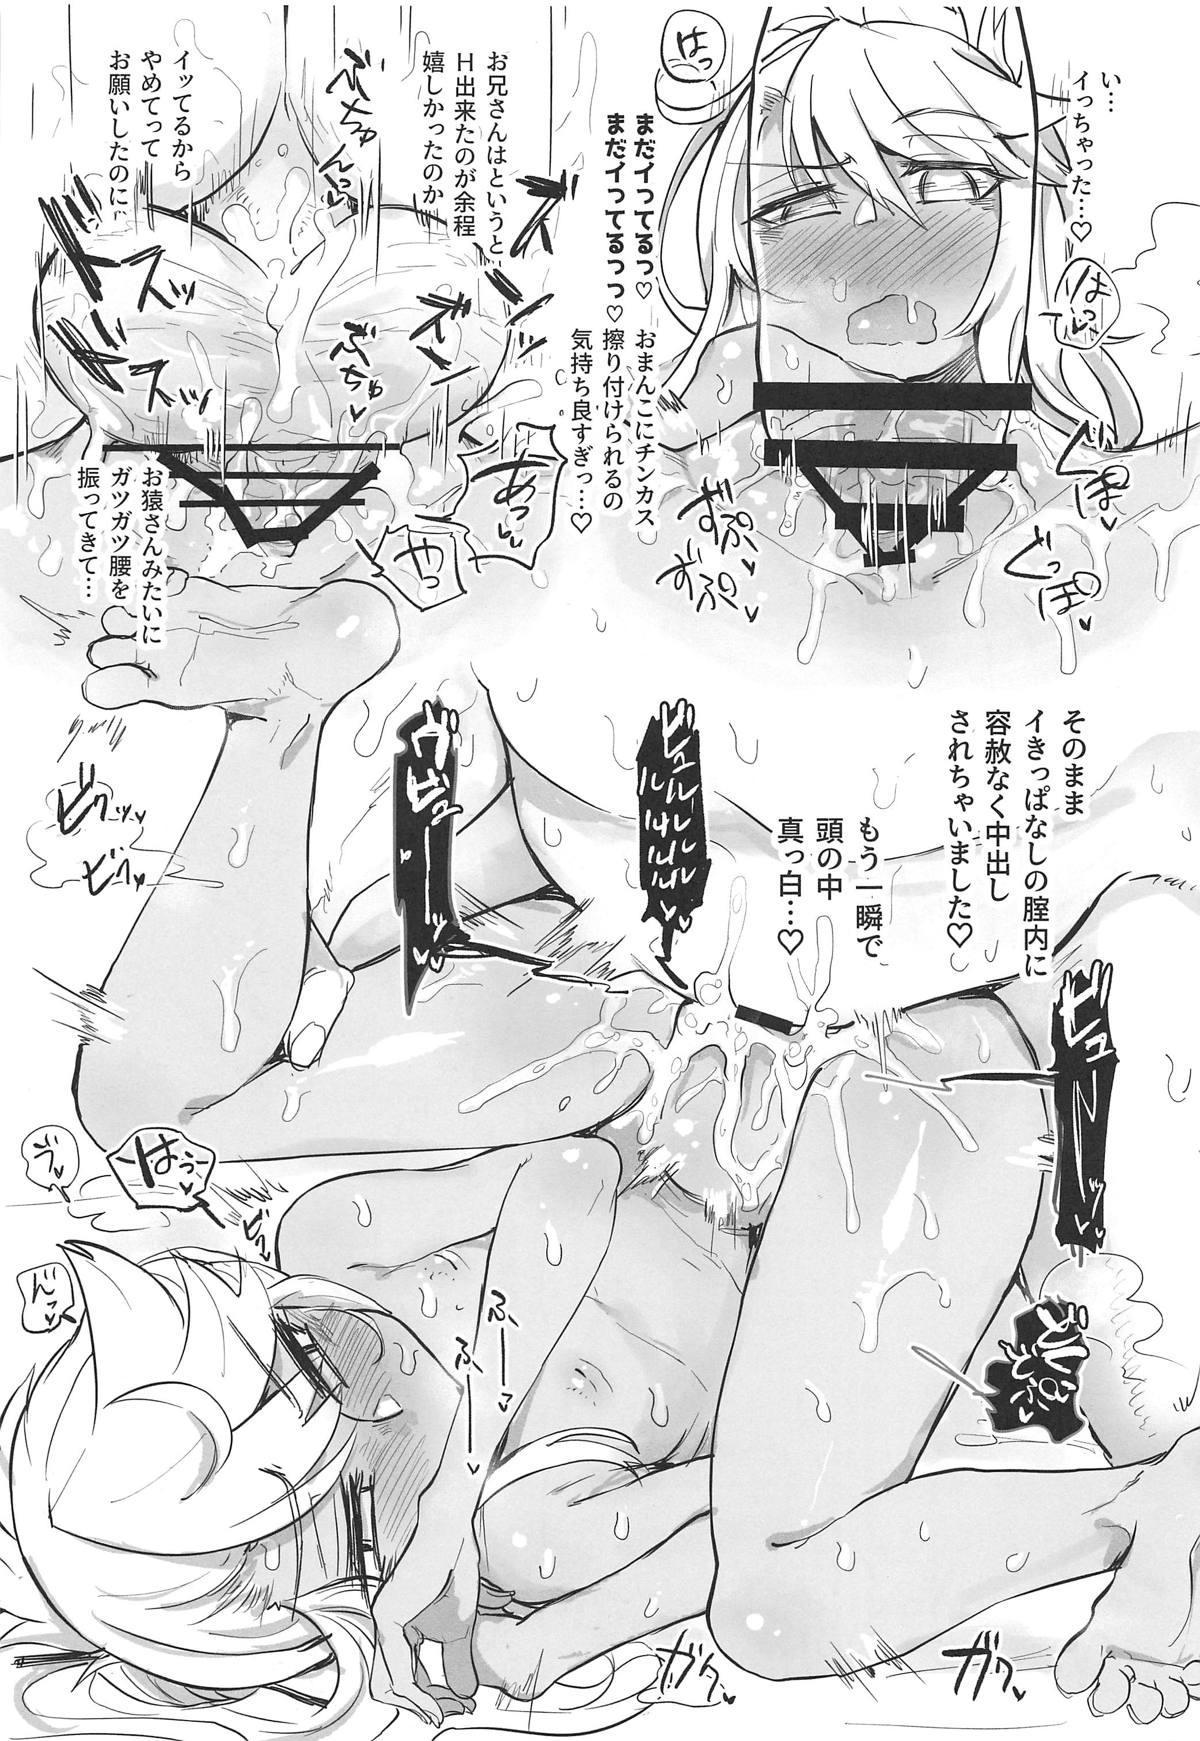 Chaldea Seikou Nisshi Kuro Hen & Mash Hen 7